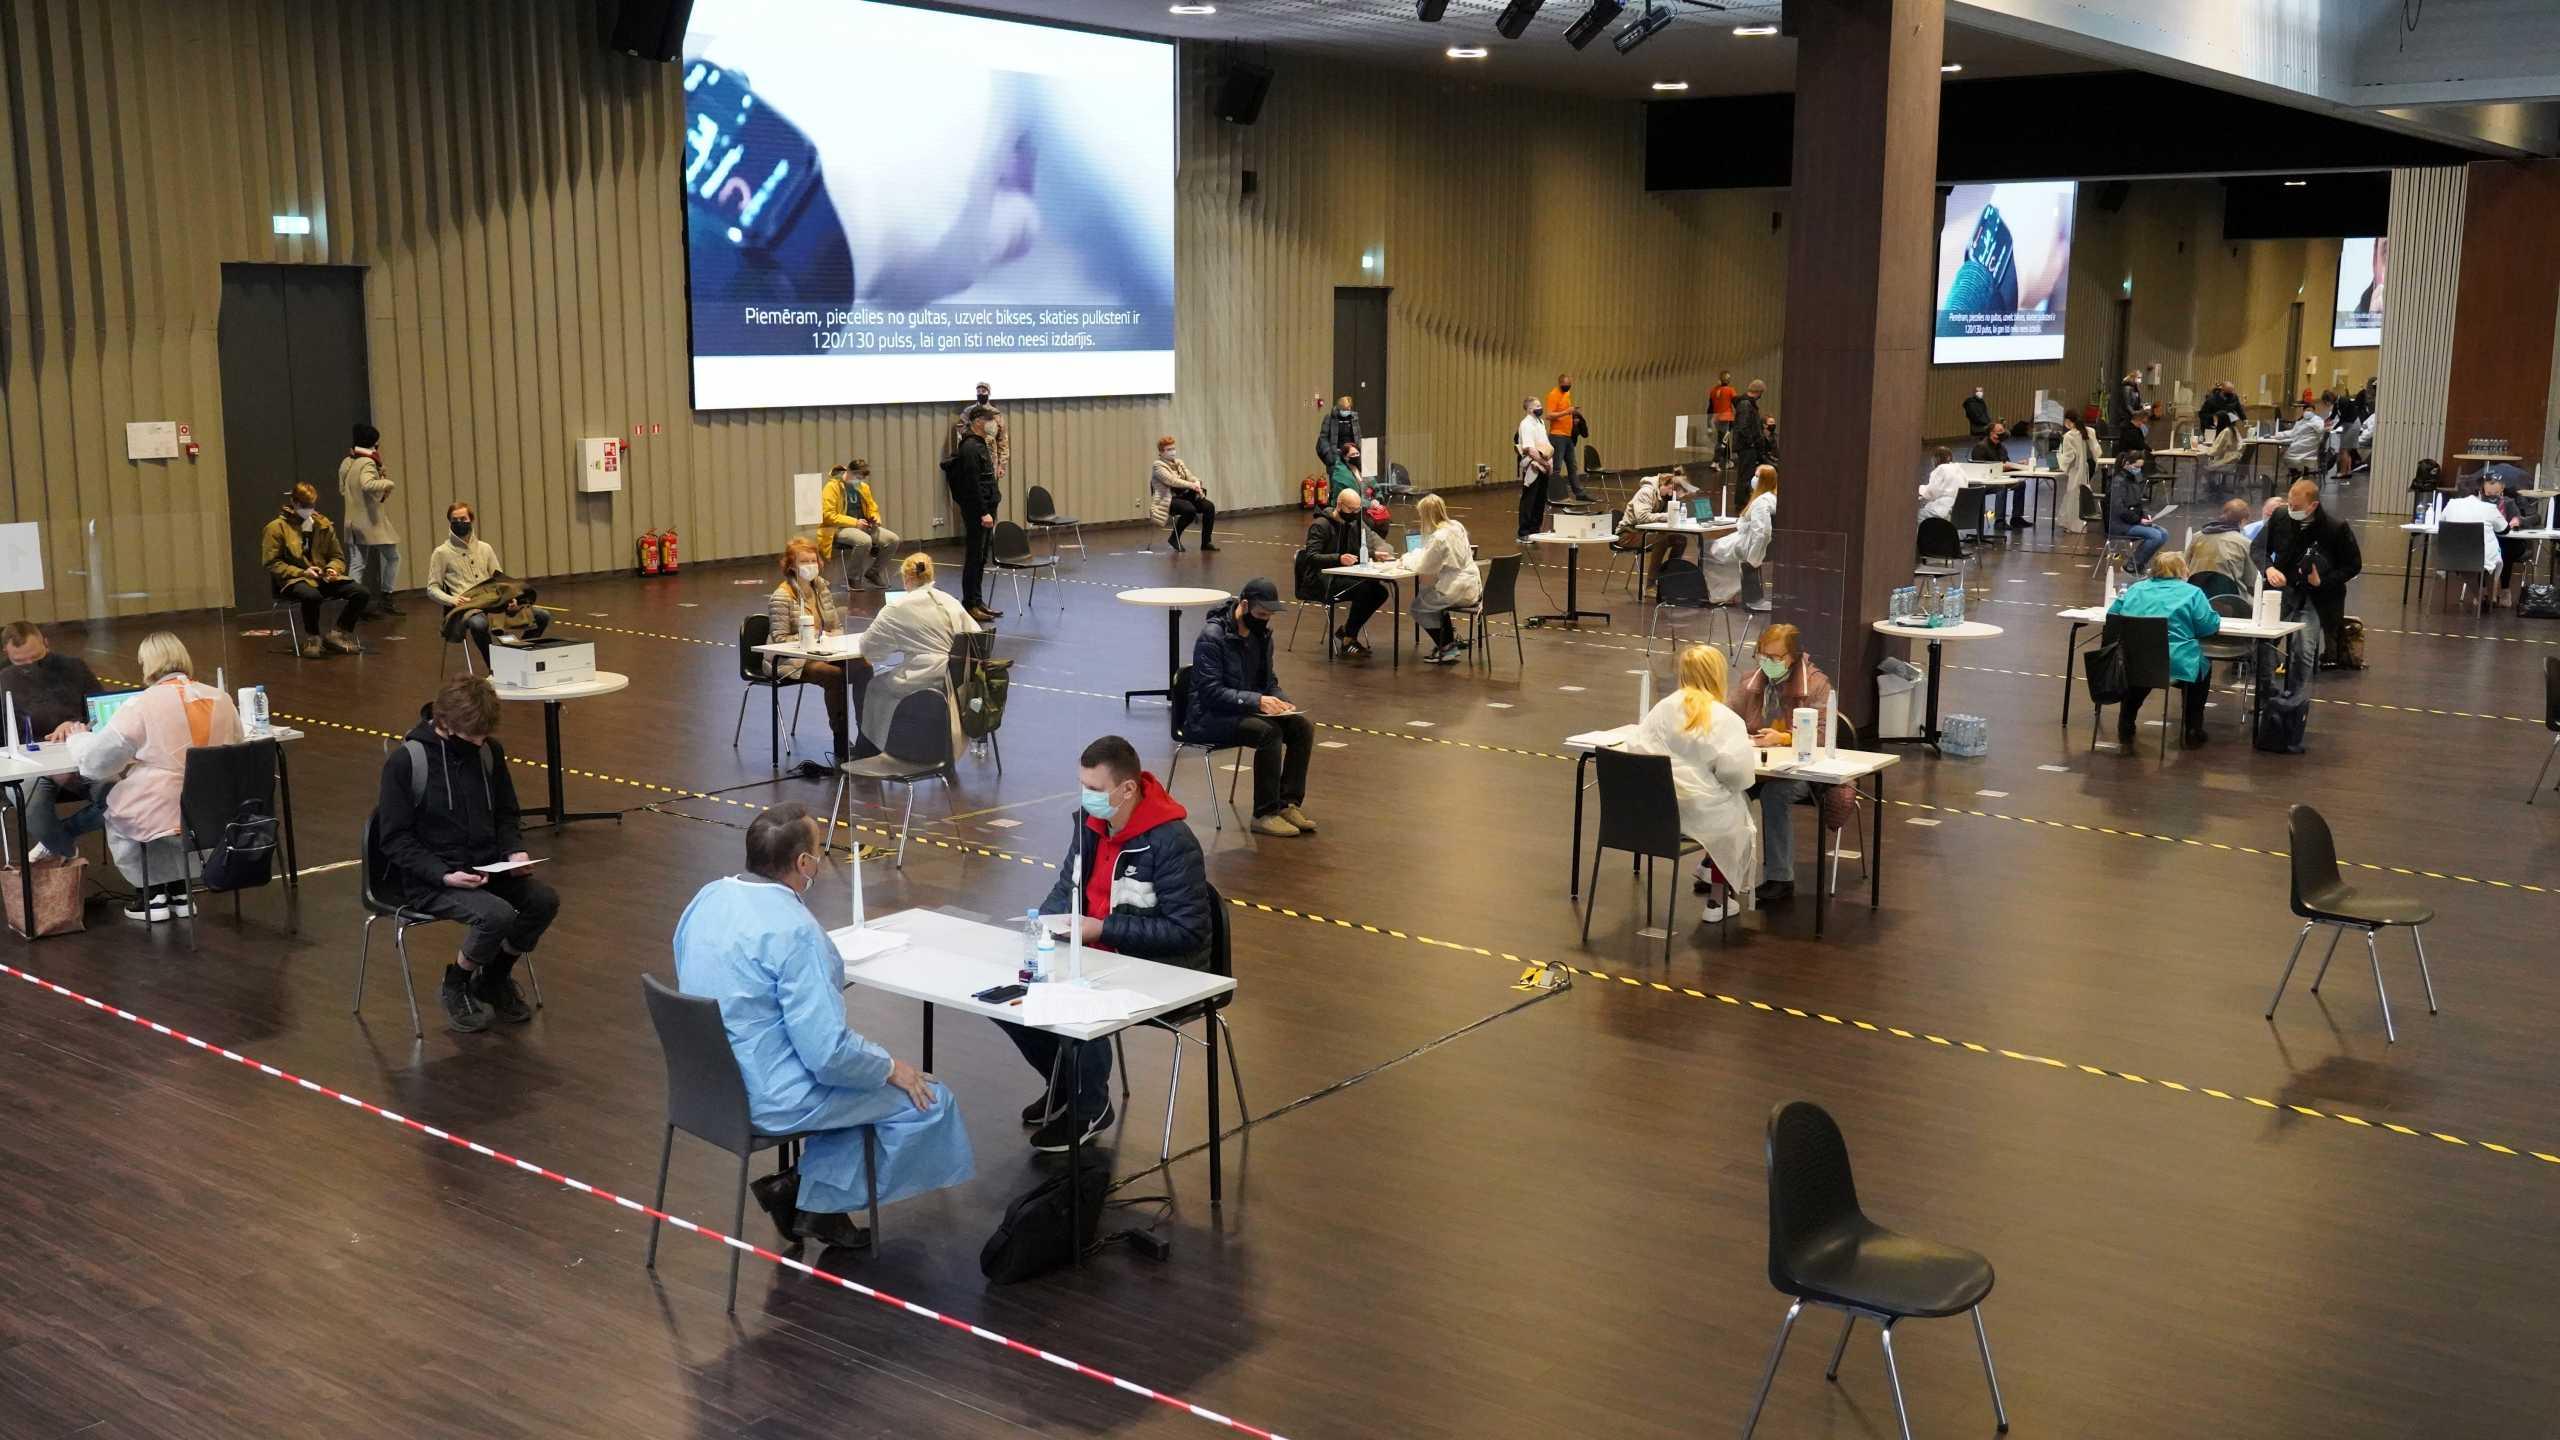 Κορονοϊός: Πιθανώς και 3η δόση εμβολίου για τις ευπαθείς ομάδες λόγω «ινδικής» μετάλλαξης